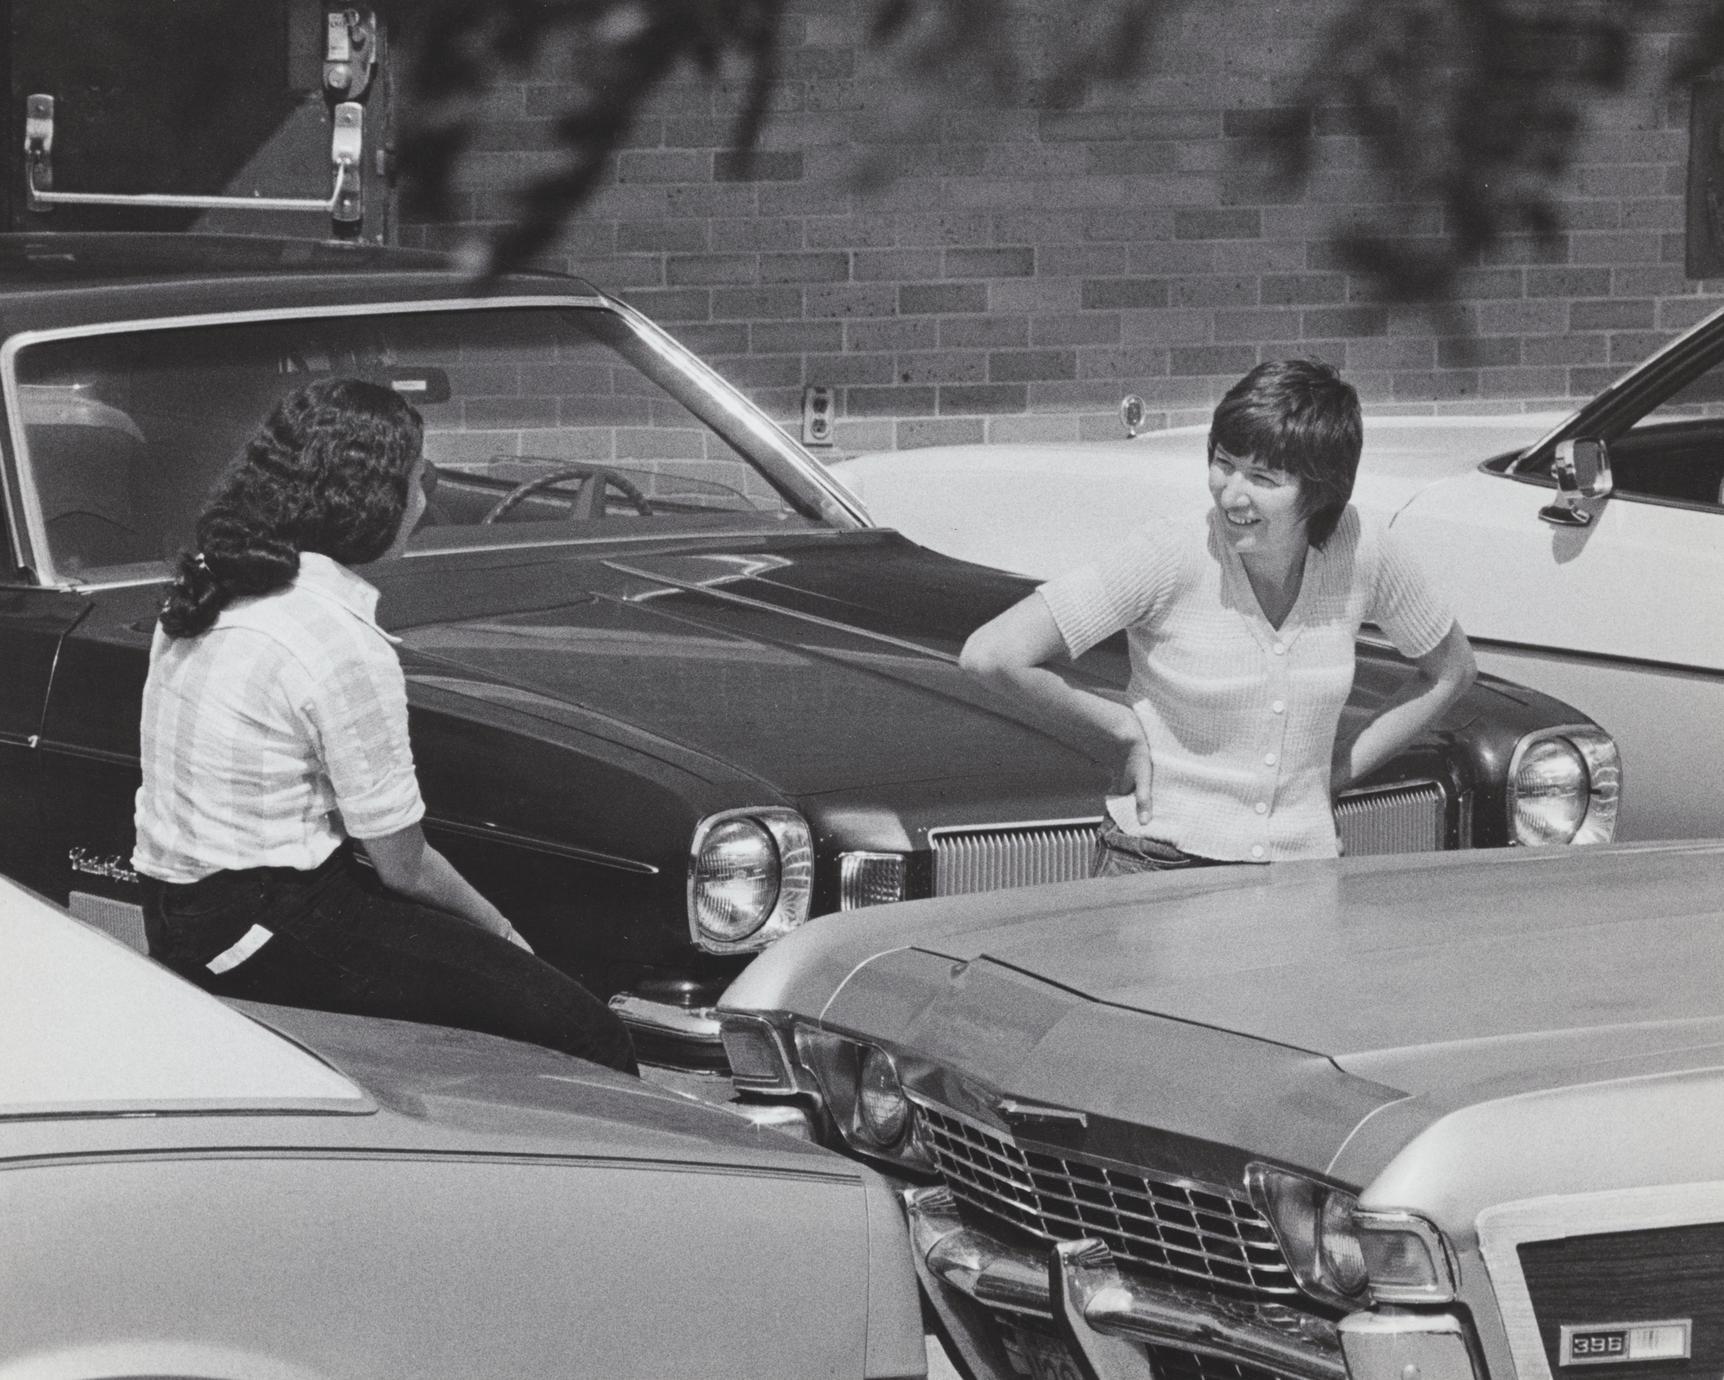 Women in parking lot